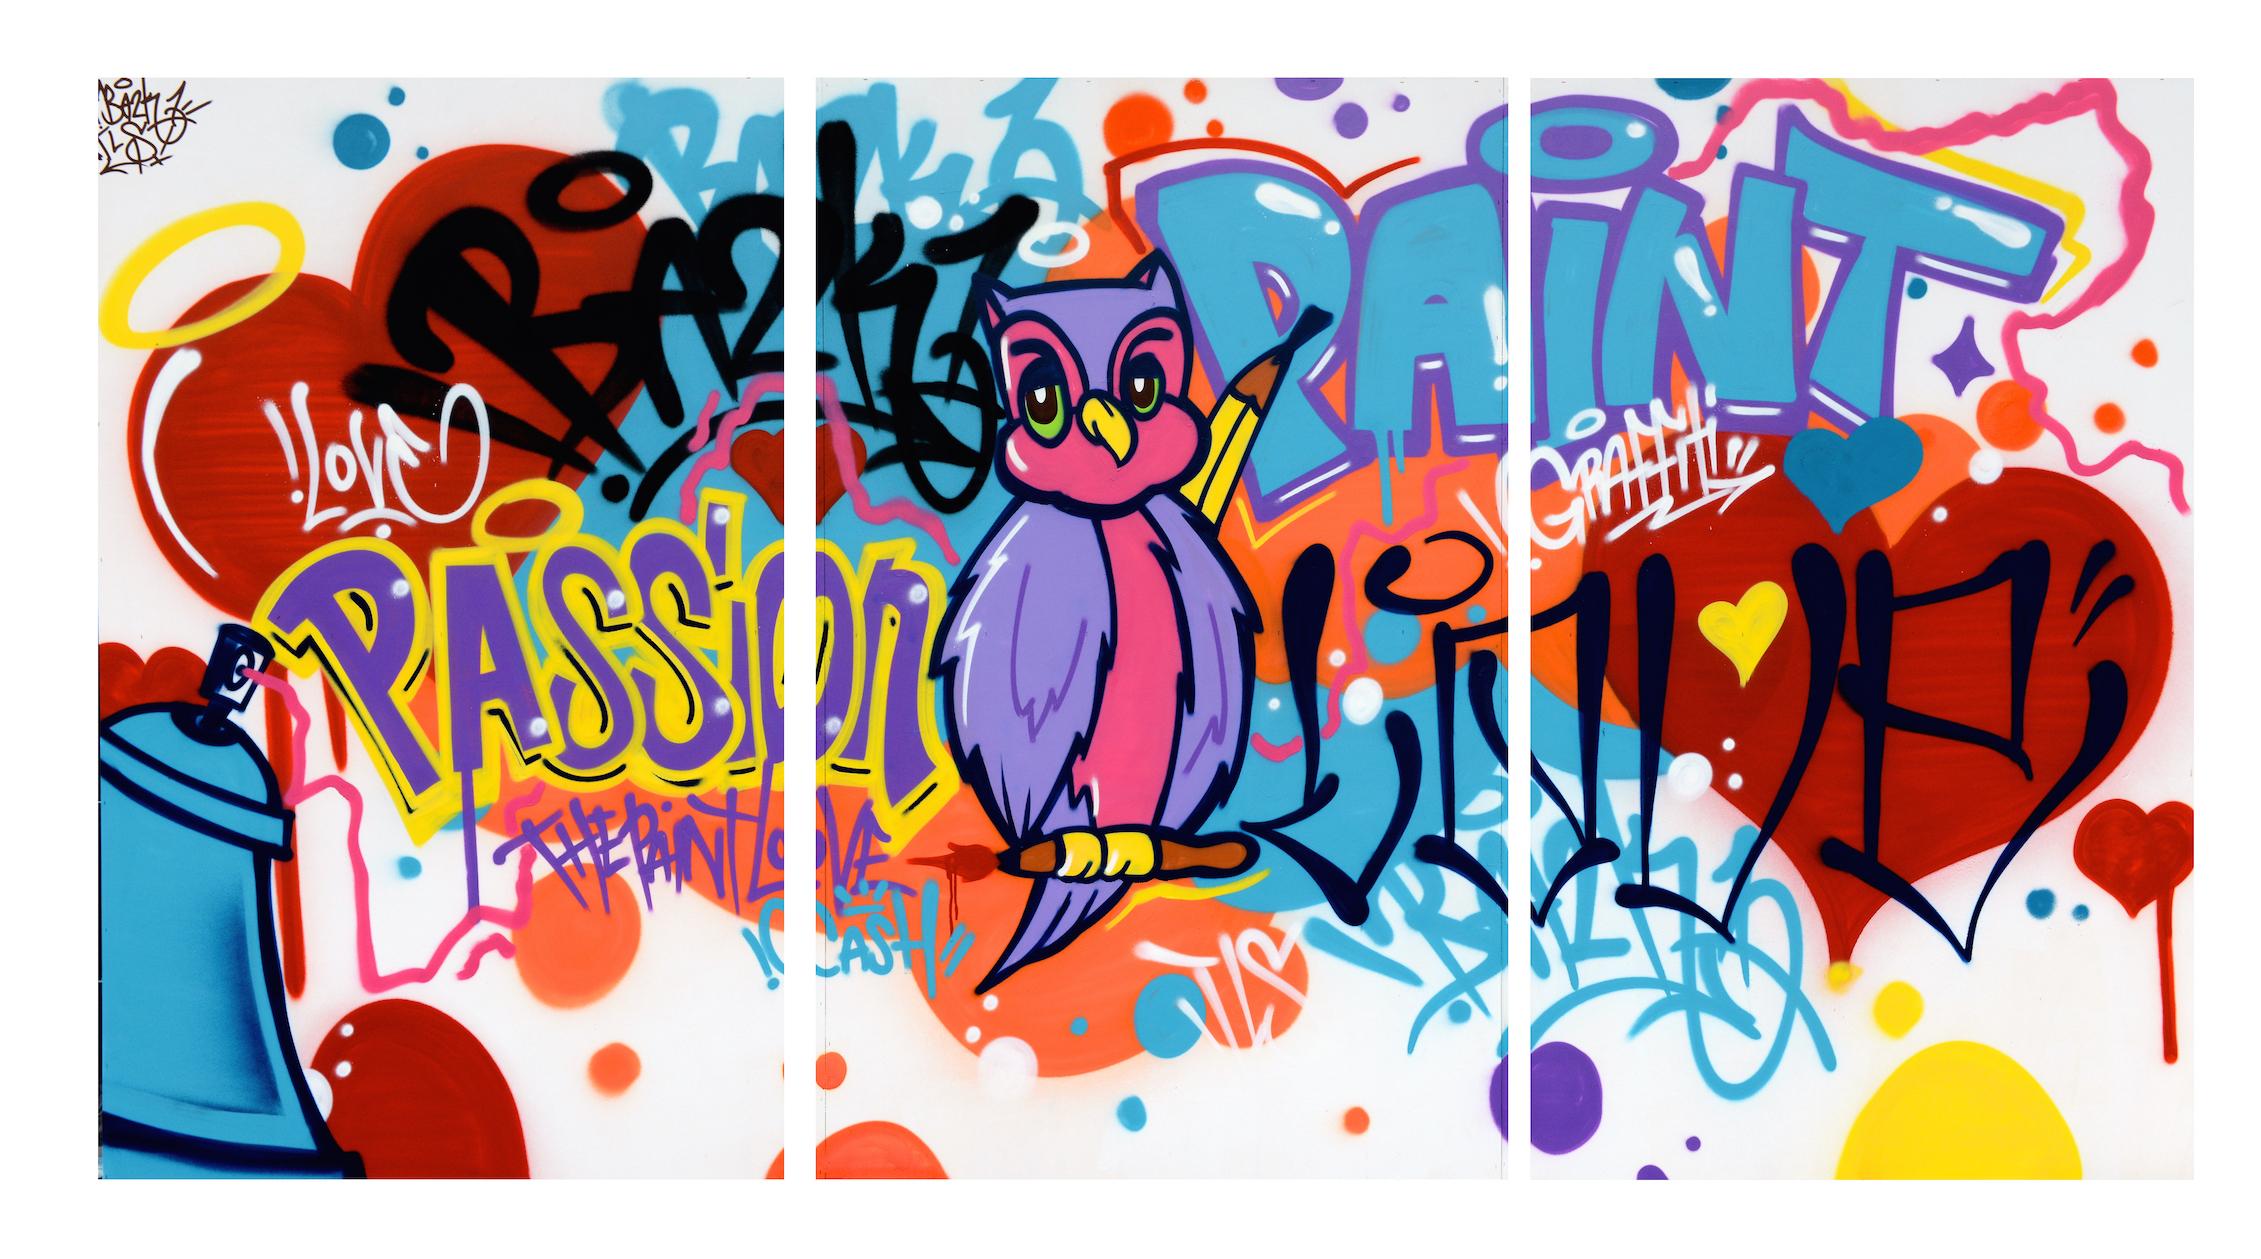 MR. BAZK ONE | Streetart.li